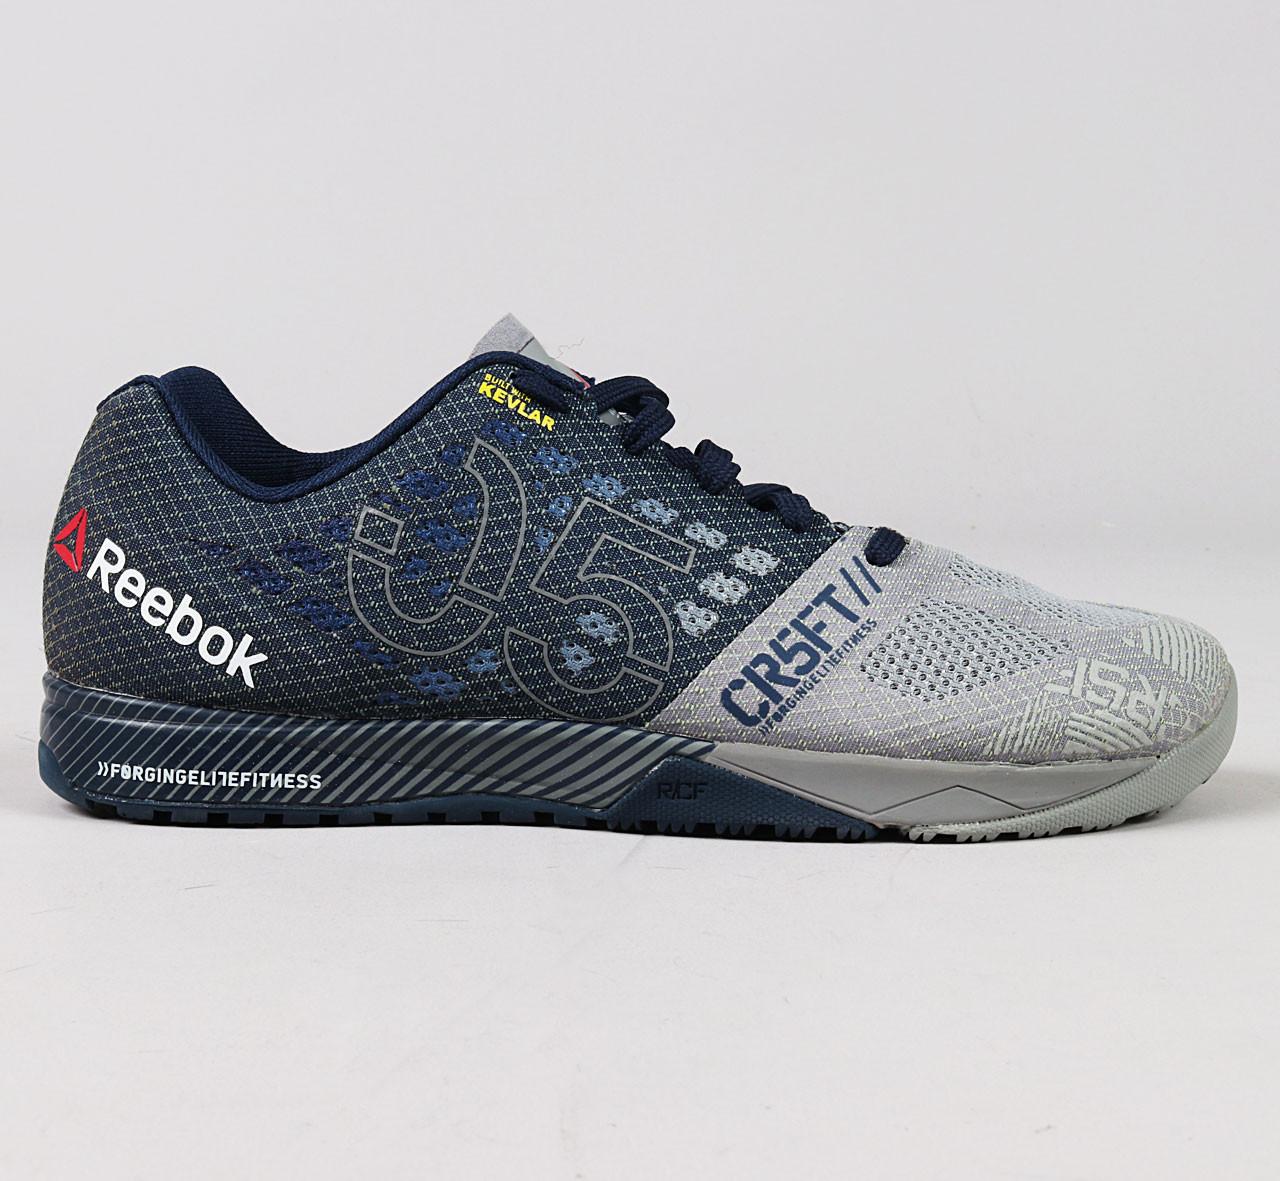 dac118ce Size 8.5 Reebok Crossfit Nano 6.0 Shoes